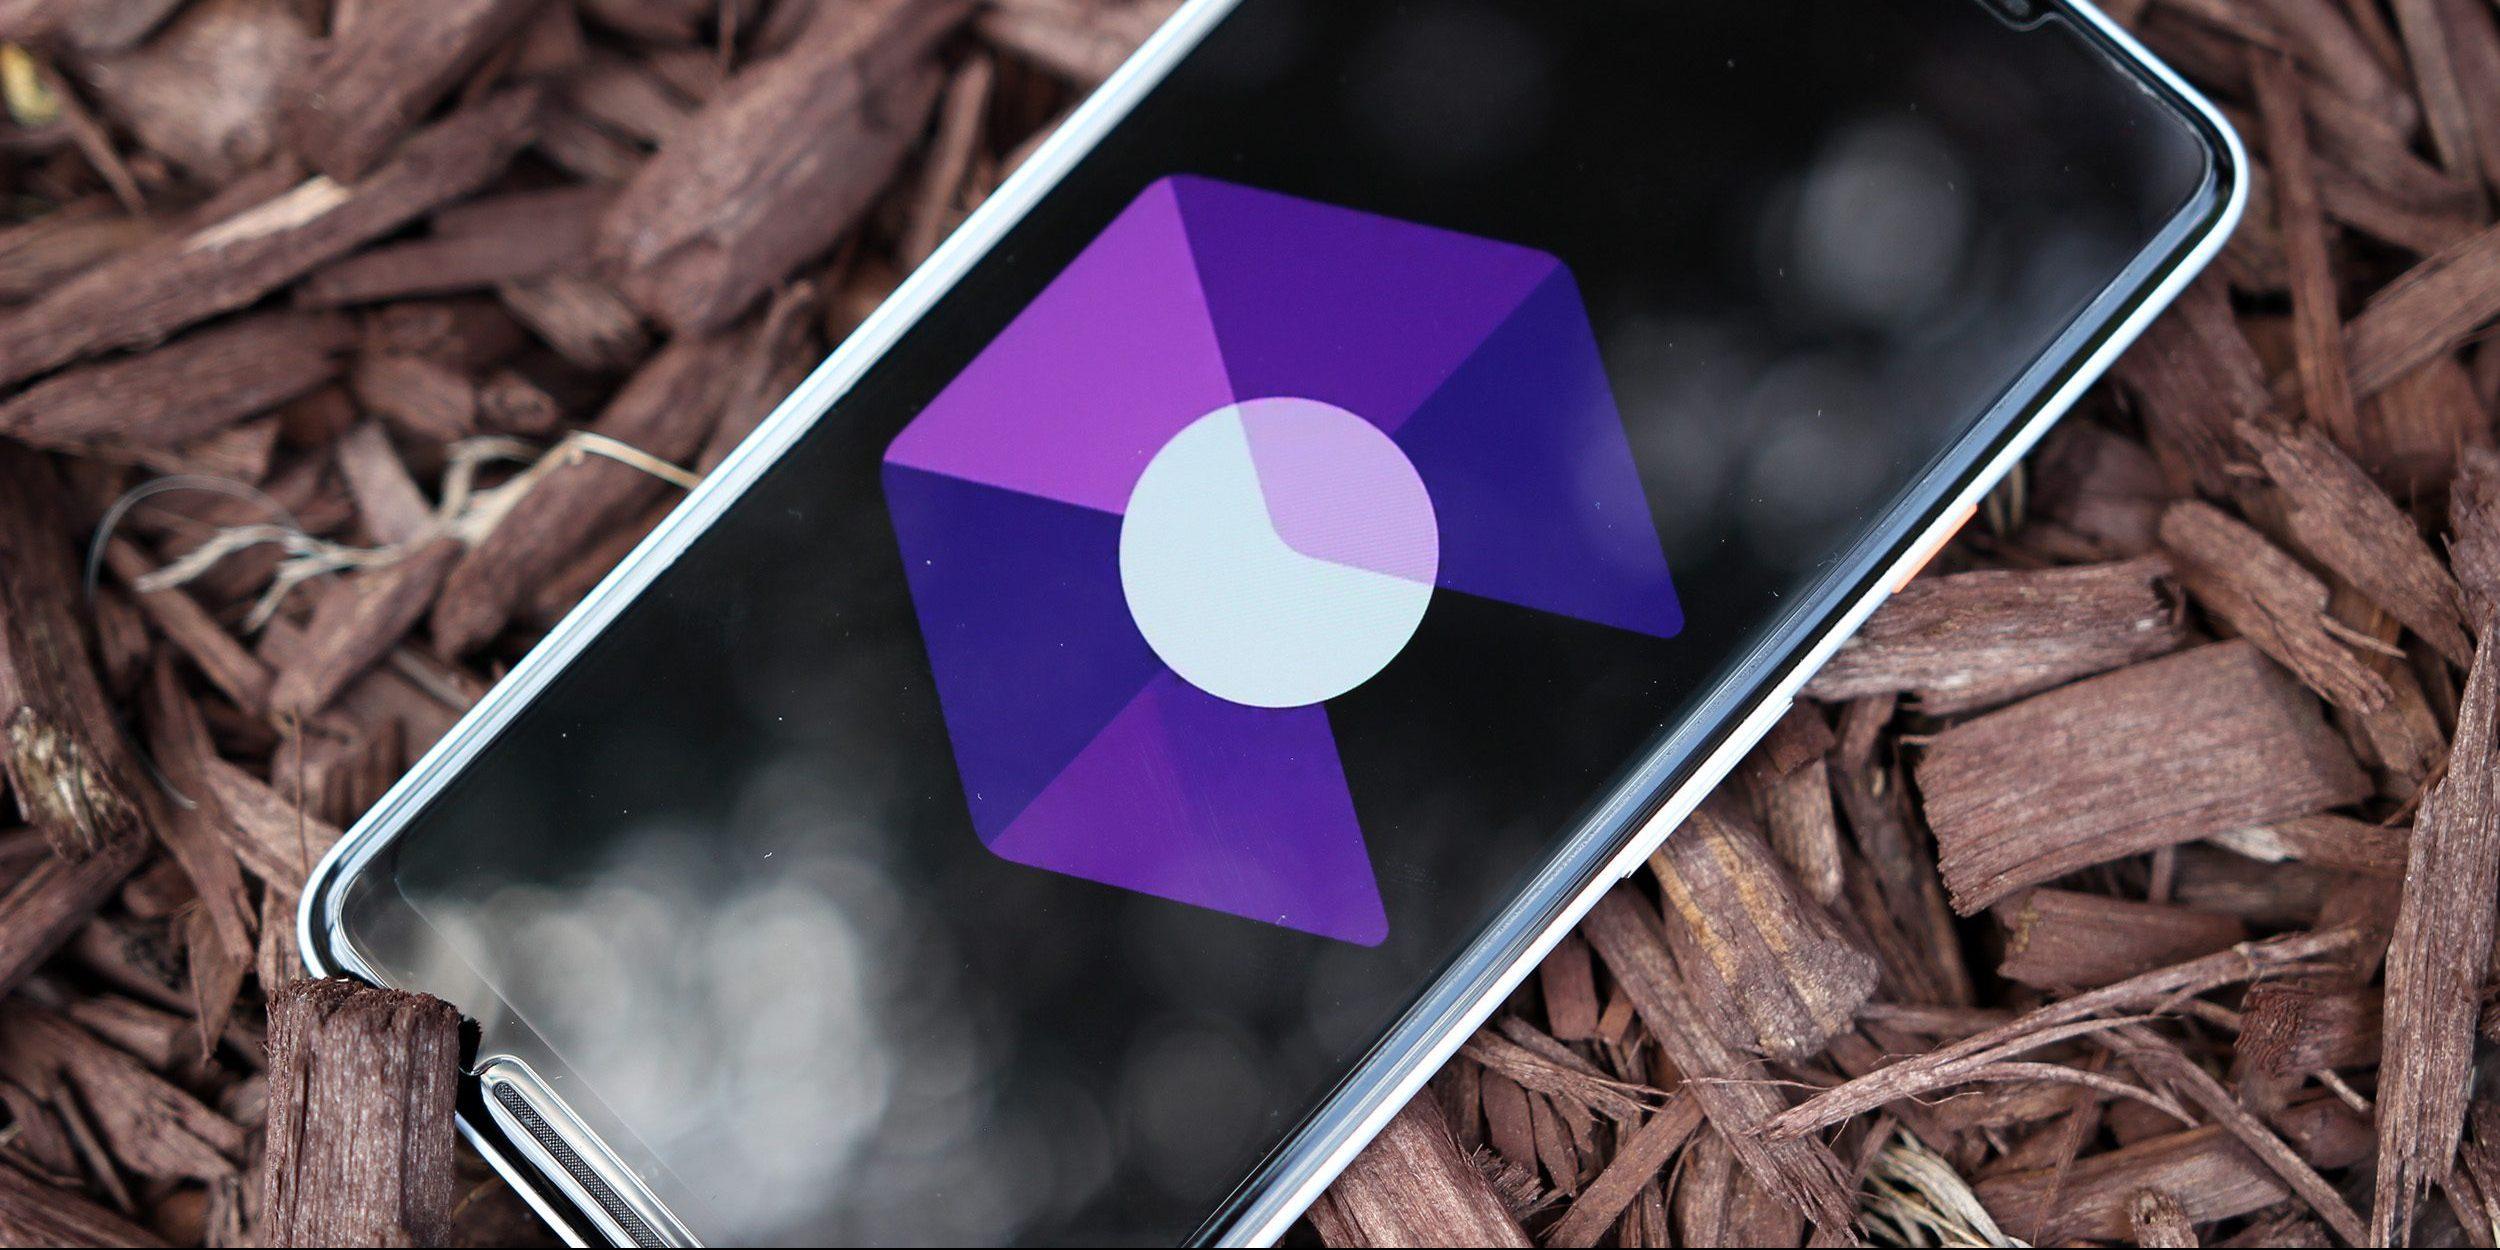 Vyzkoušejte aplikaci Google Measure – změřte cokoliv svým mobilem